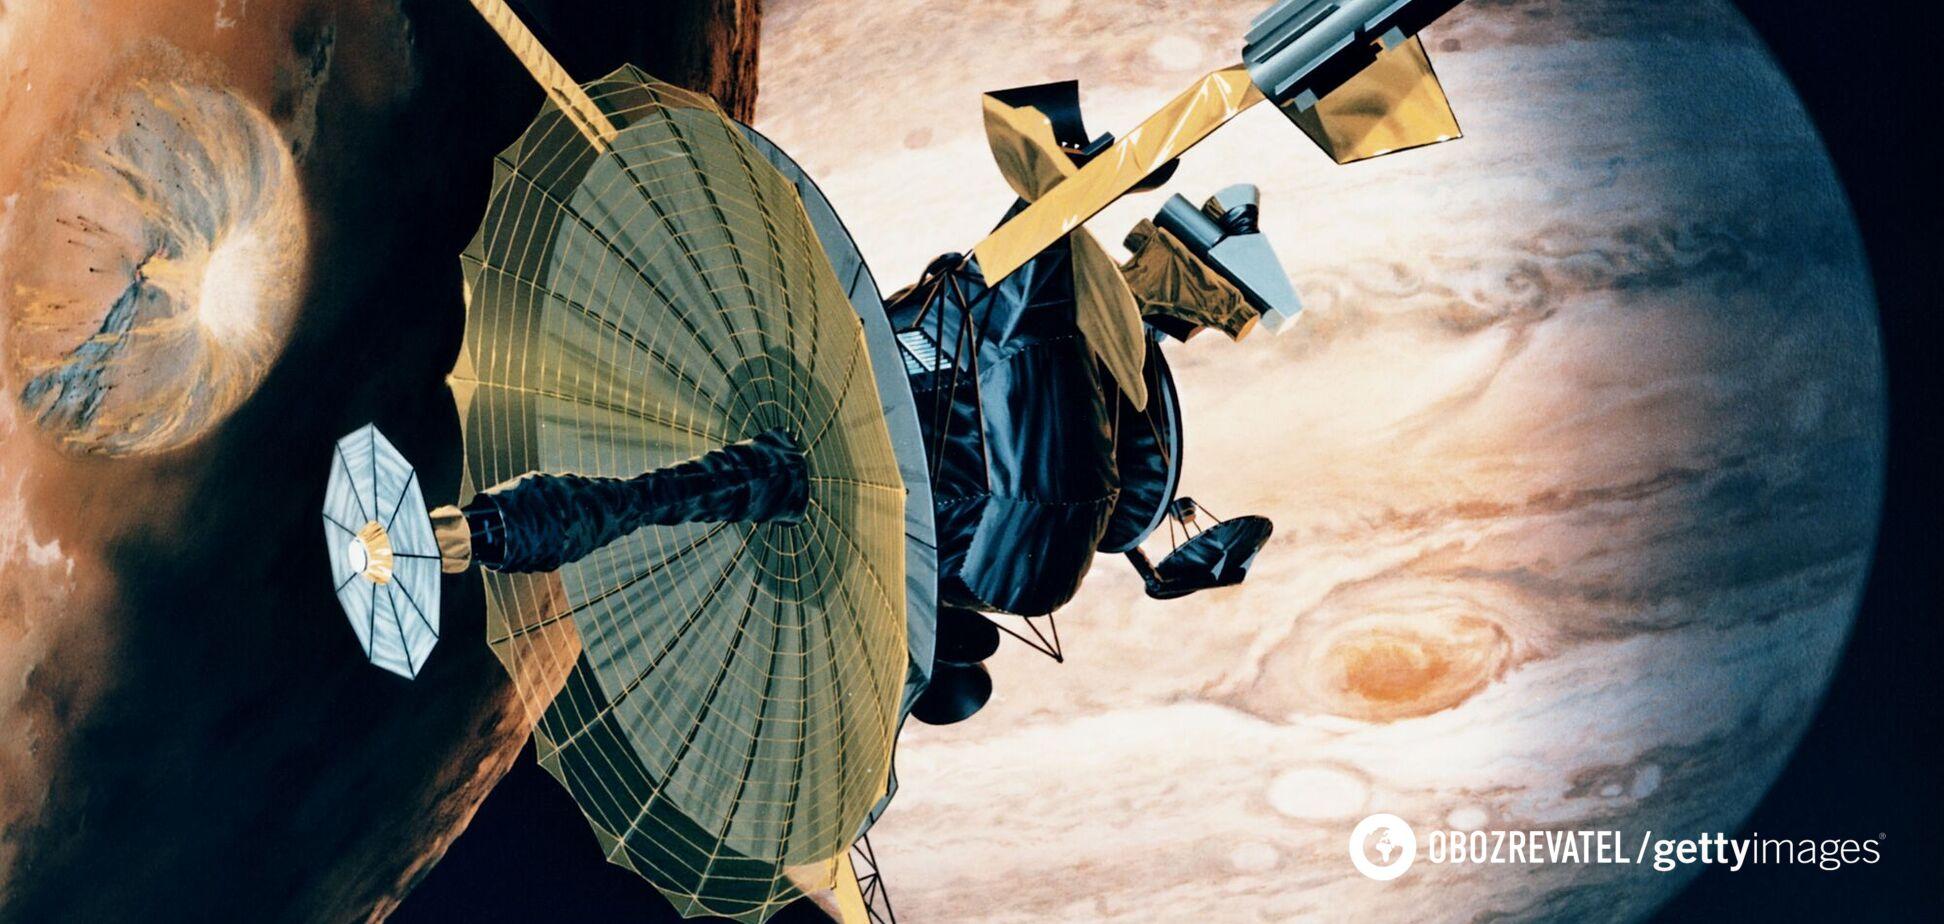 Астроном-любитель впервые обнаружил неизвестный ранее спутник Юпитера